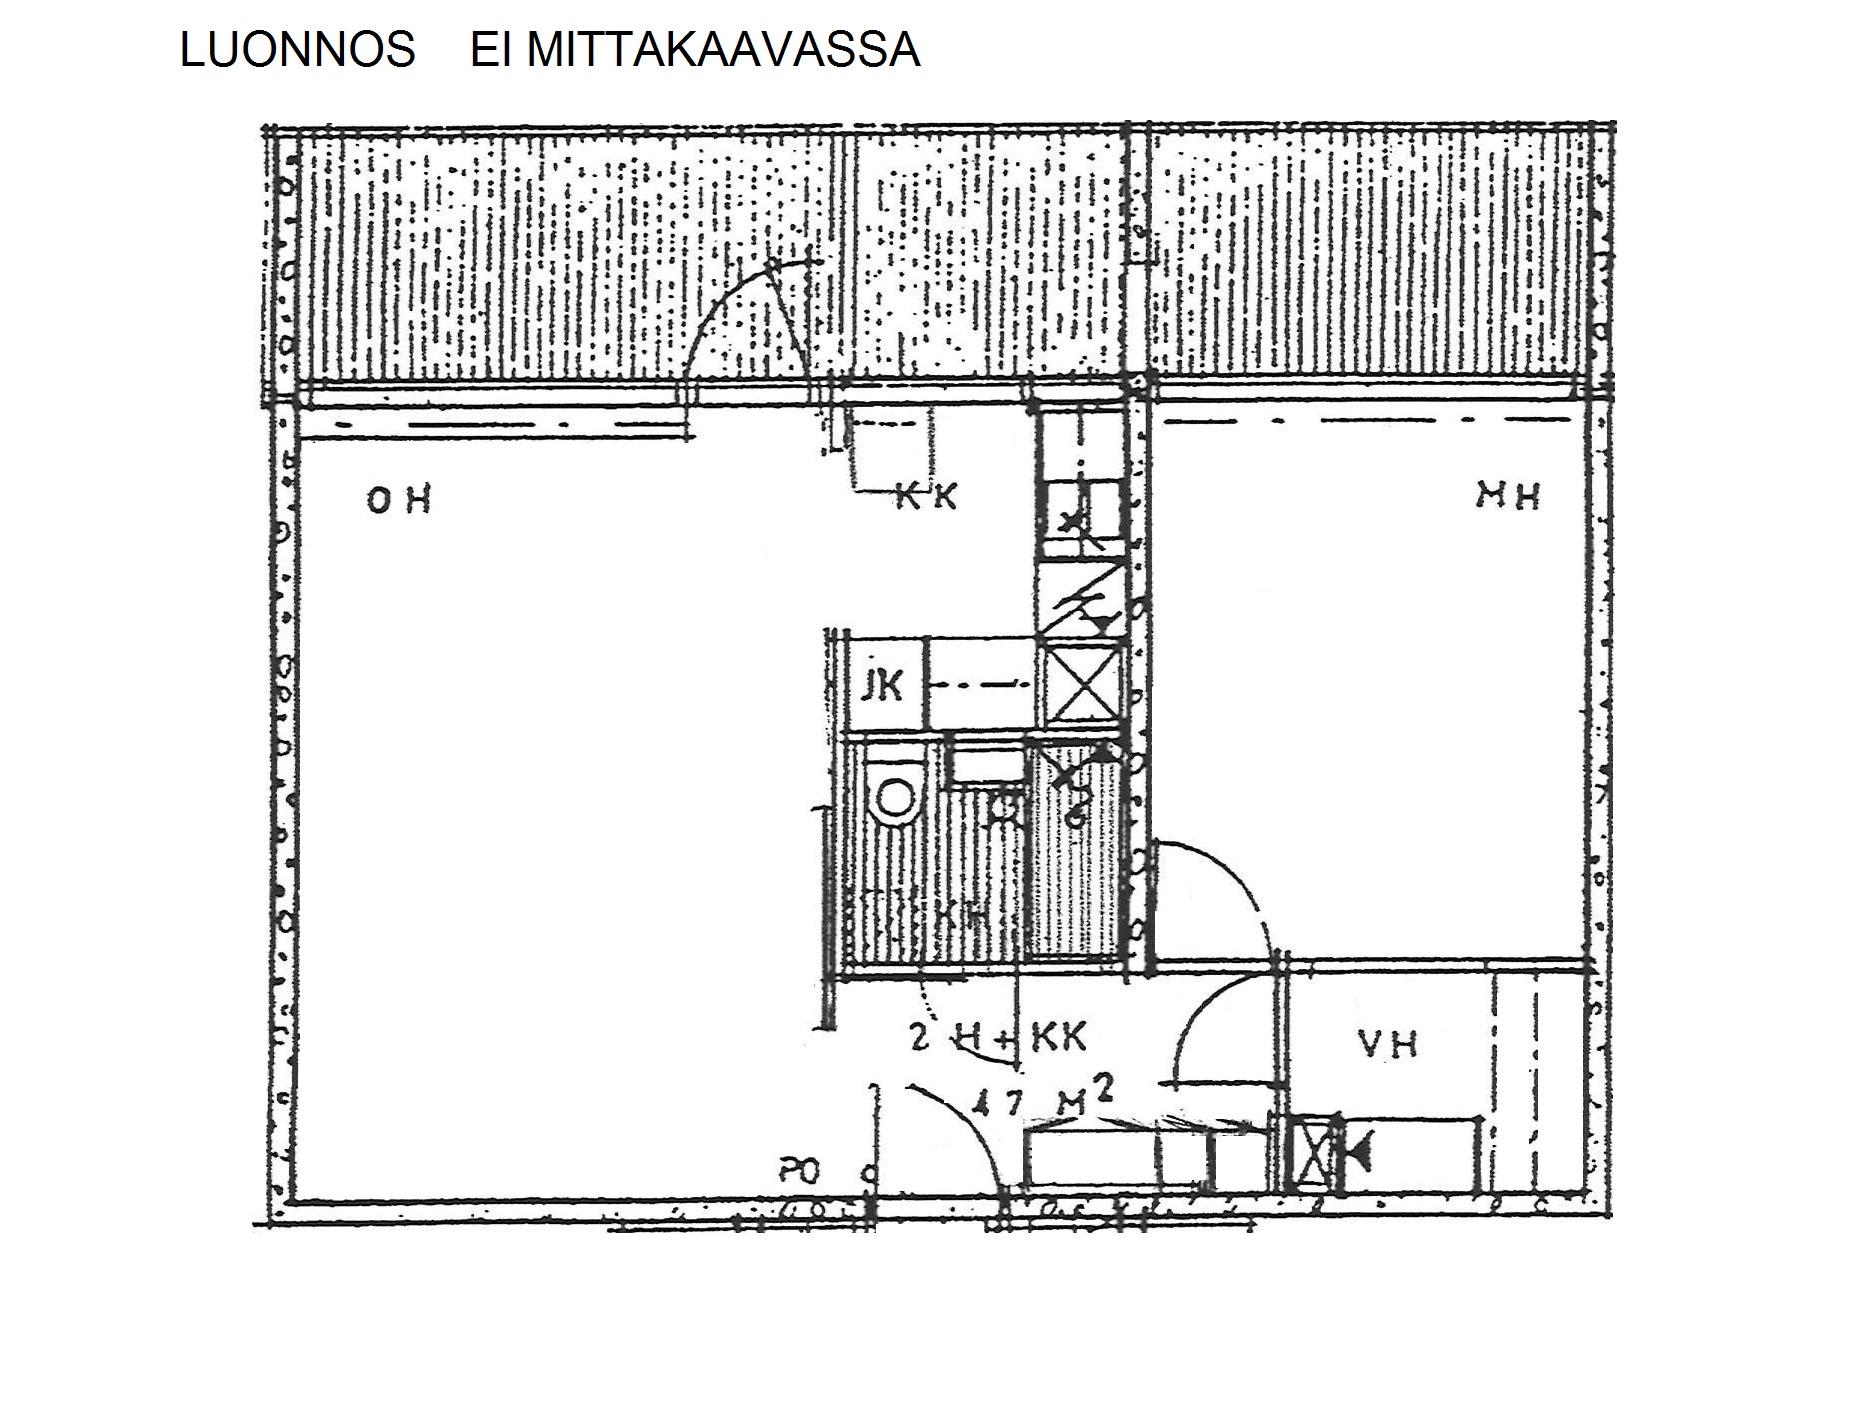 Mikkolantie 6 B, Loimaa